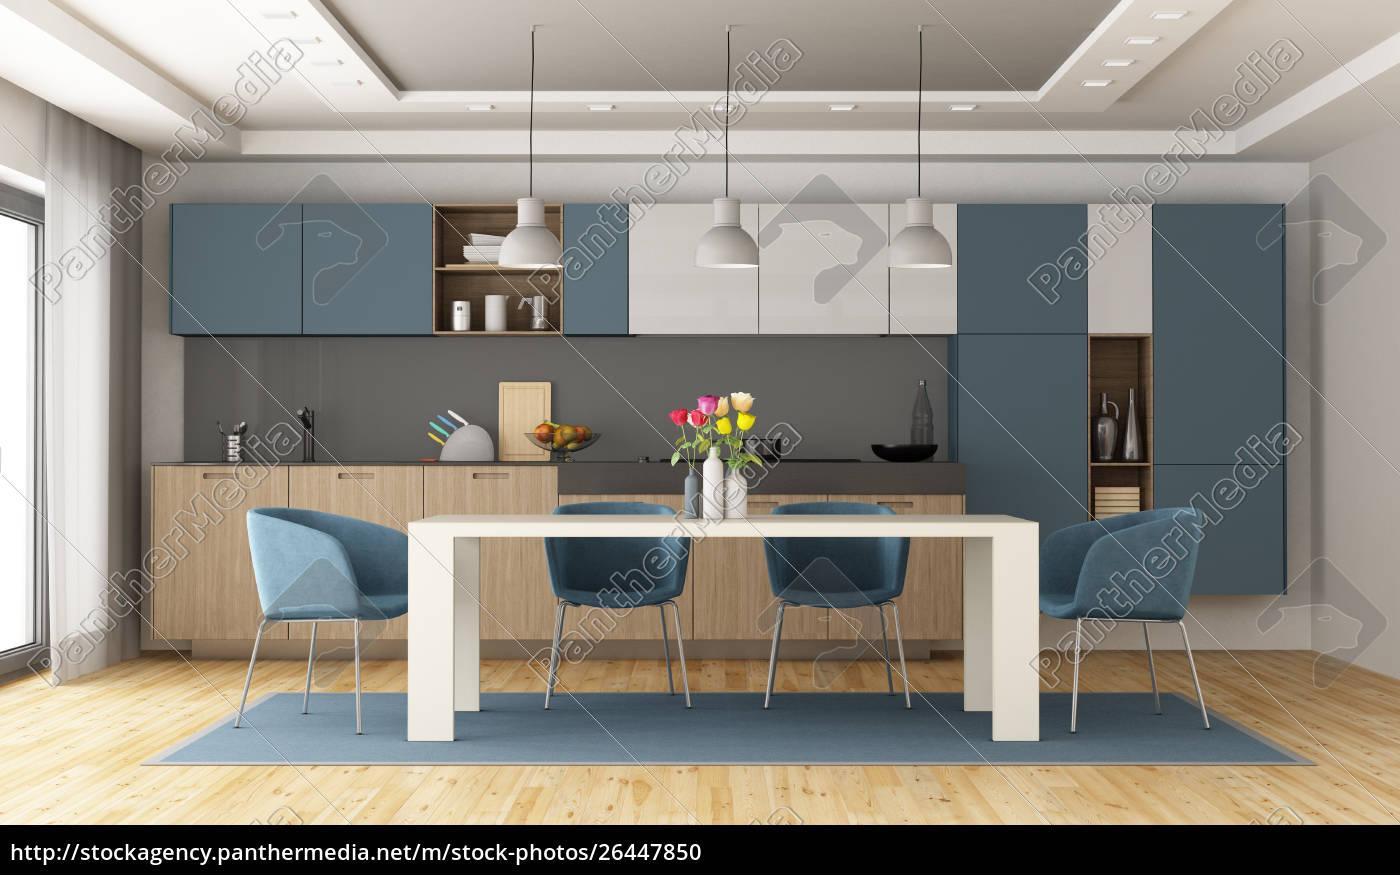 Full Size of Küche Blau Weie Und Blaue Moderne Kche Stockfoto 26447850 Ebay Einbauküche Vinylboden Miele Polsterbank L Form Arbeitsplatte Ohne Hängeschränke Werkbank Wohnzimmer Küche Blau